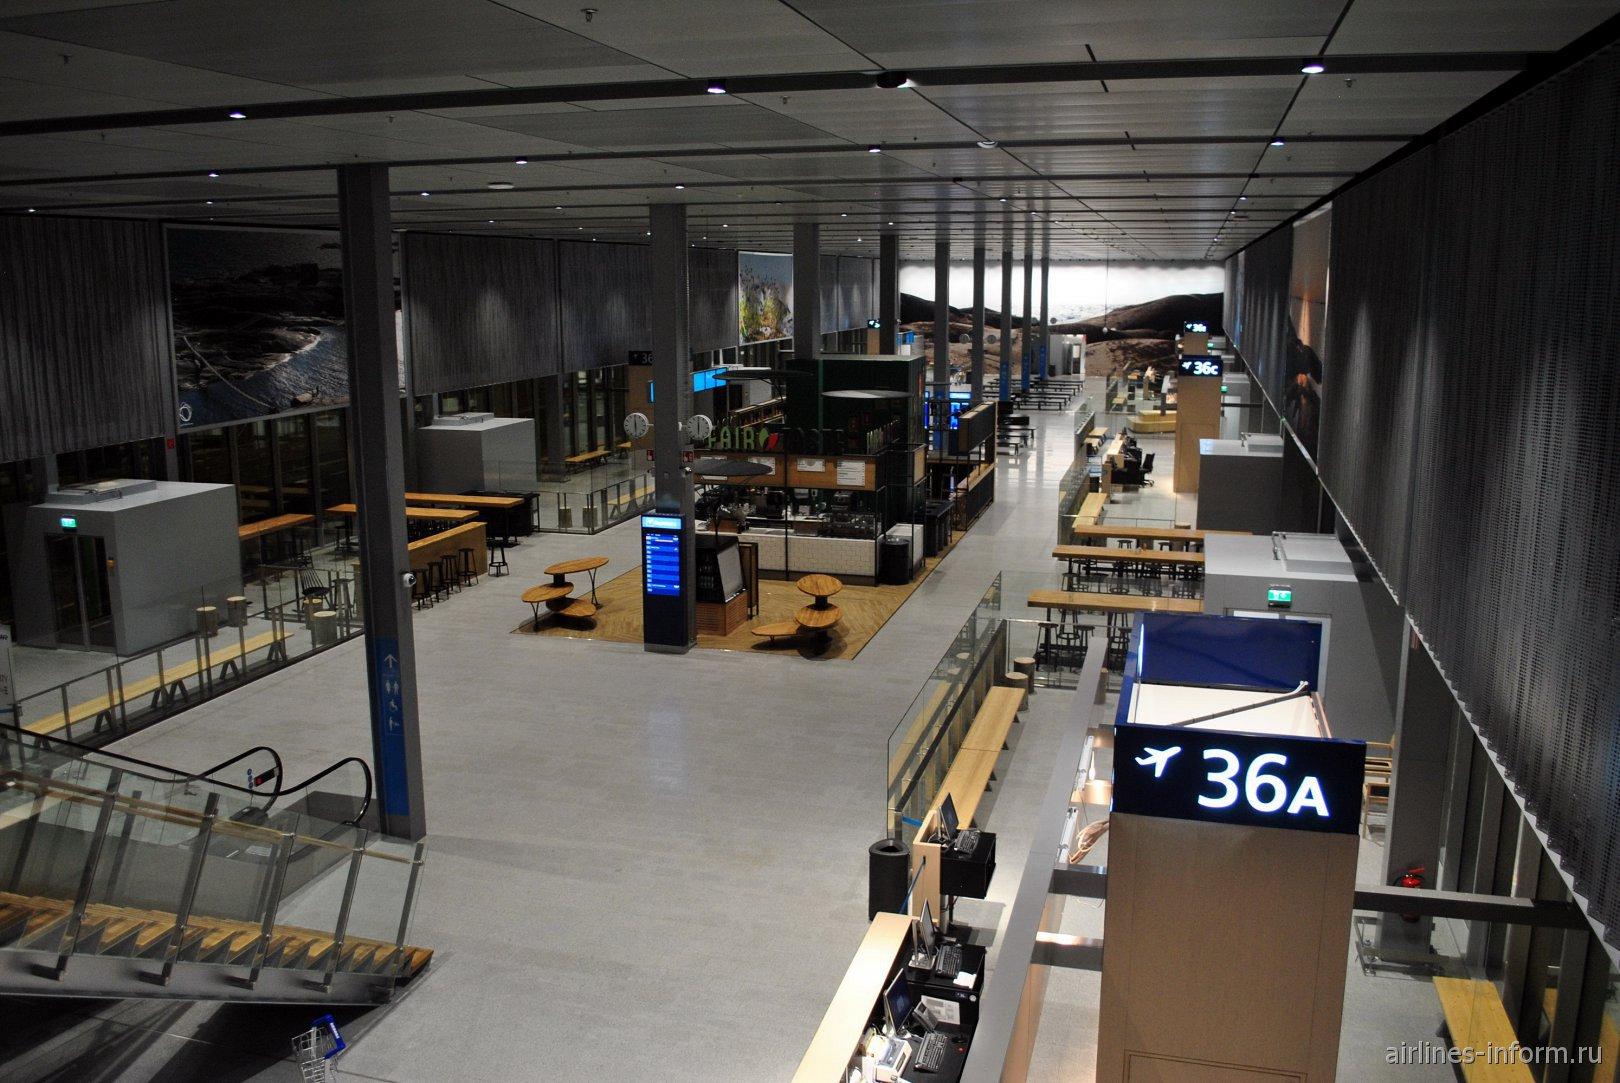 В зоне вылета международных рейсов терминала Т2 аэропорта Хельсинки